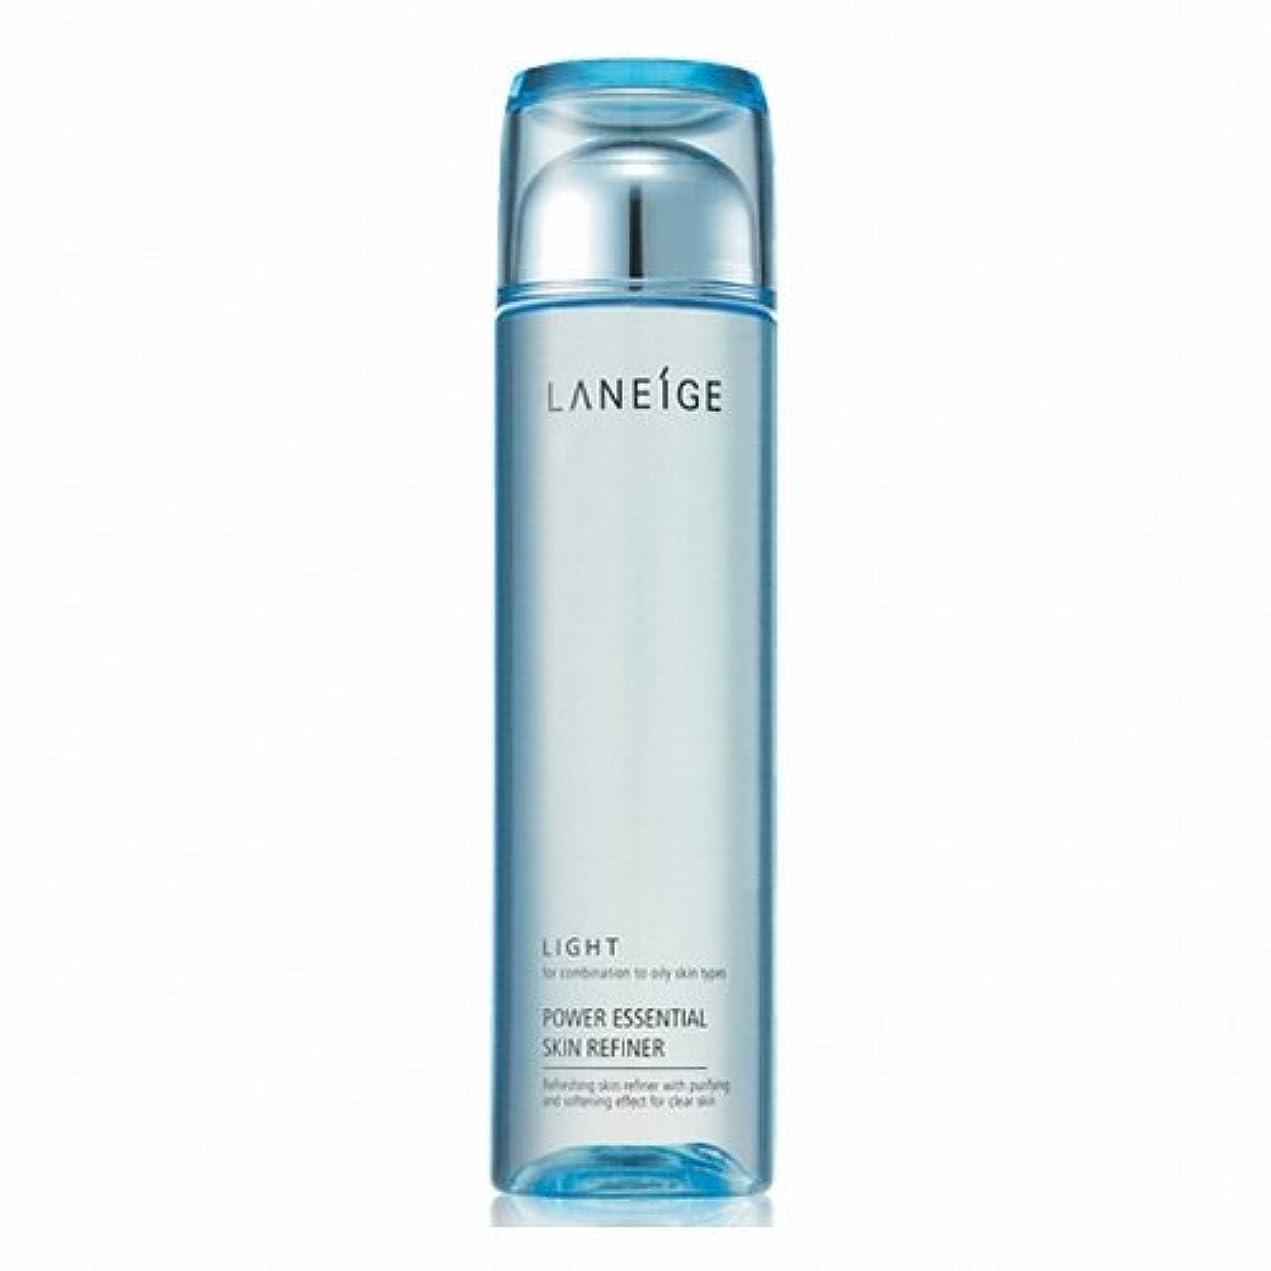 LANEIGE Power Essential Skin Refiner (Light) 200ml [Korean Import]